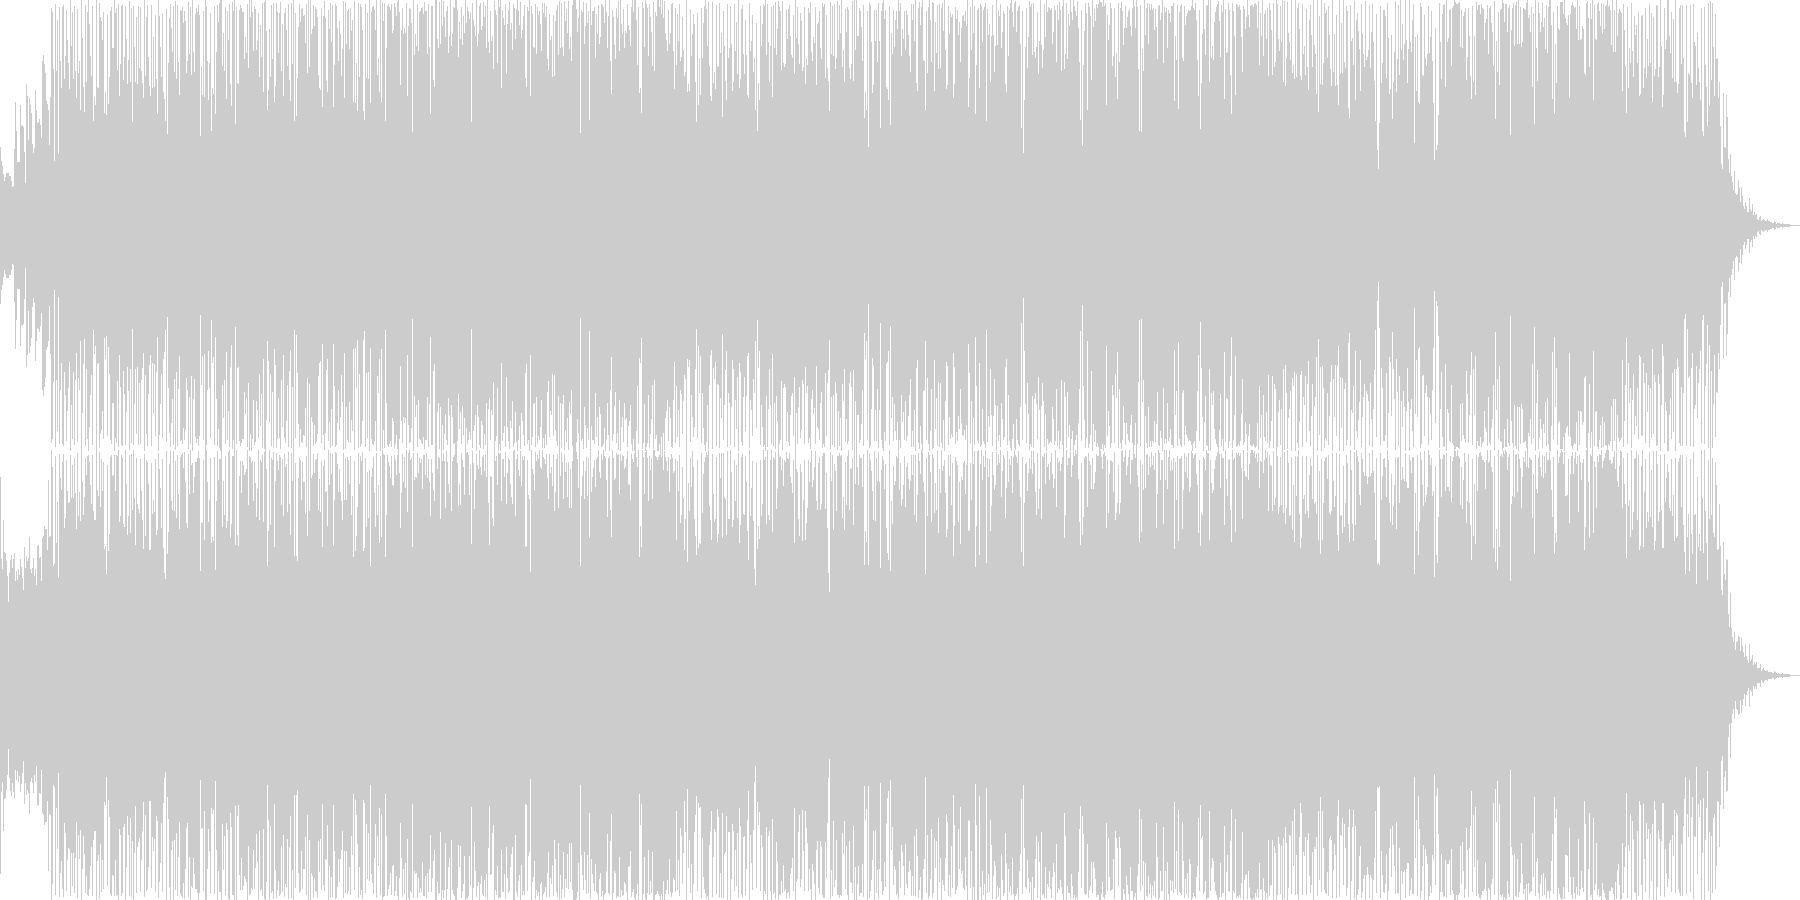 英語女性ボーカル・アコースティックギターの未再生の波形